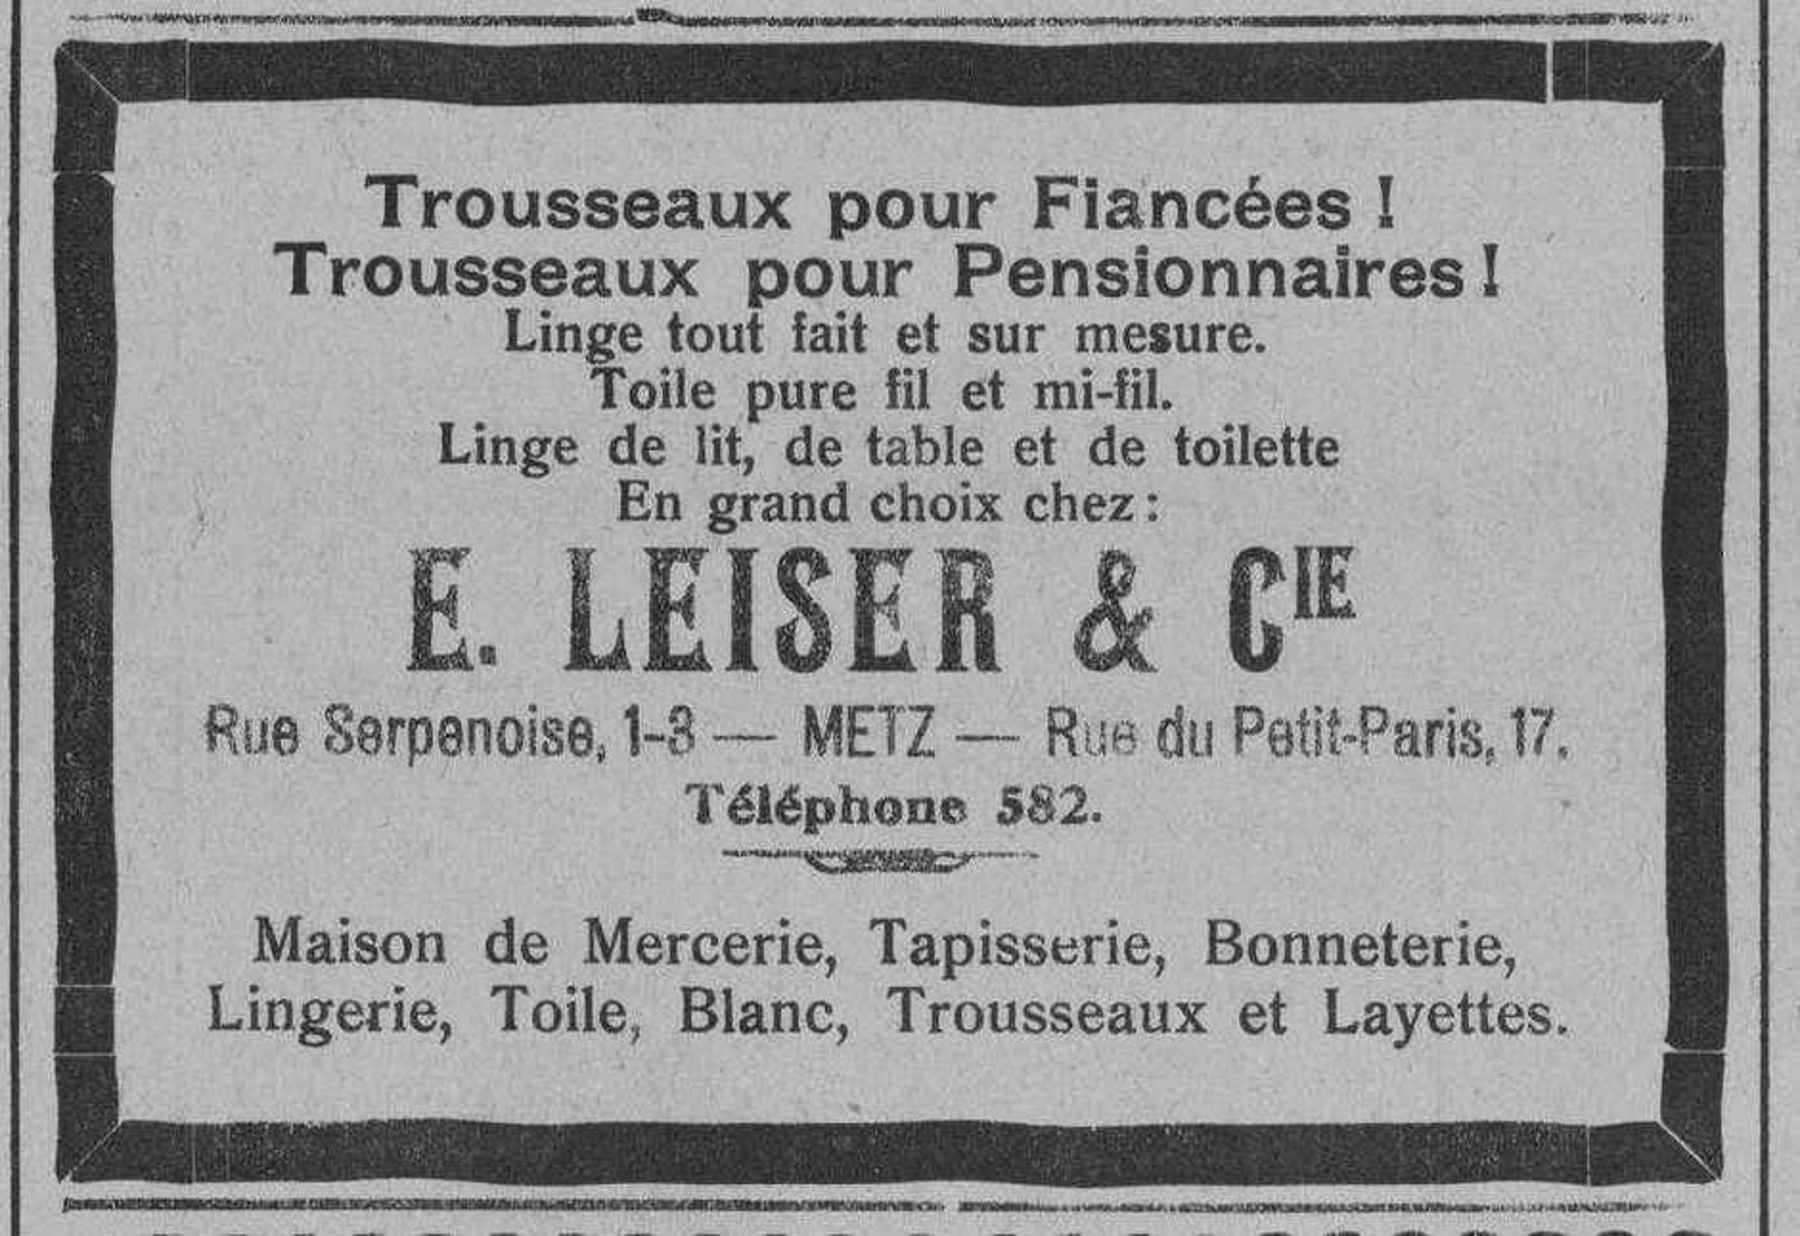 Contenu du E. Leiser & Cie. Trousseaux pour fiancées et pensionnaires